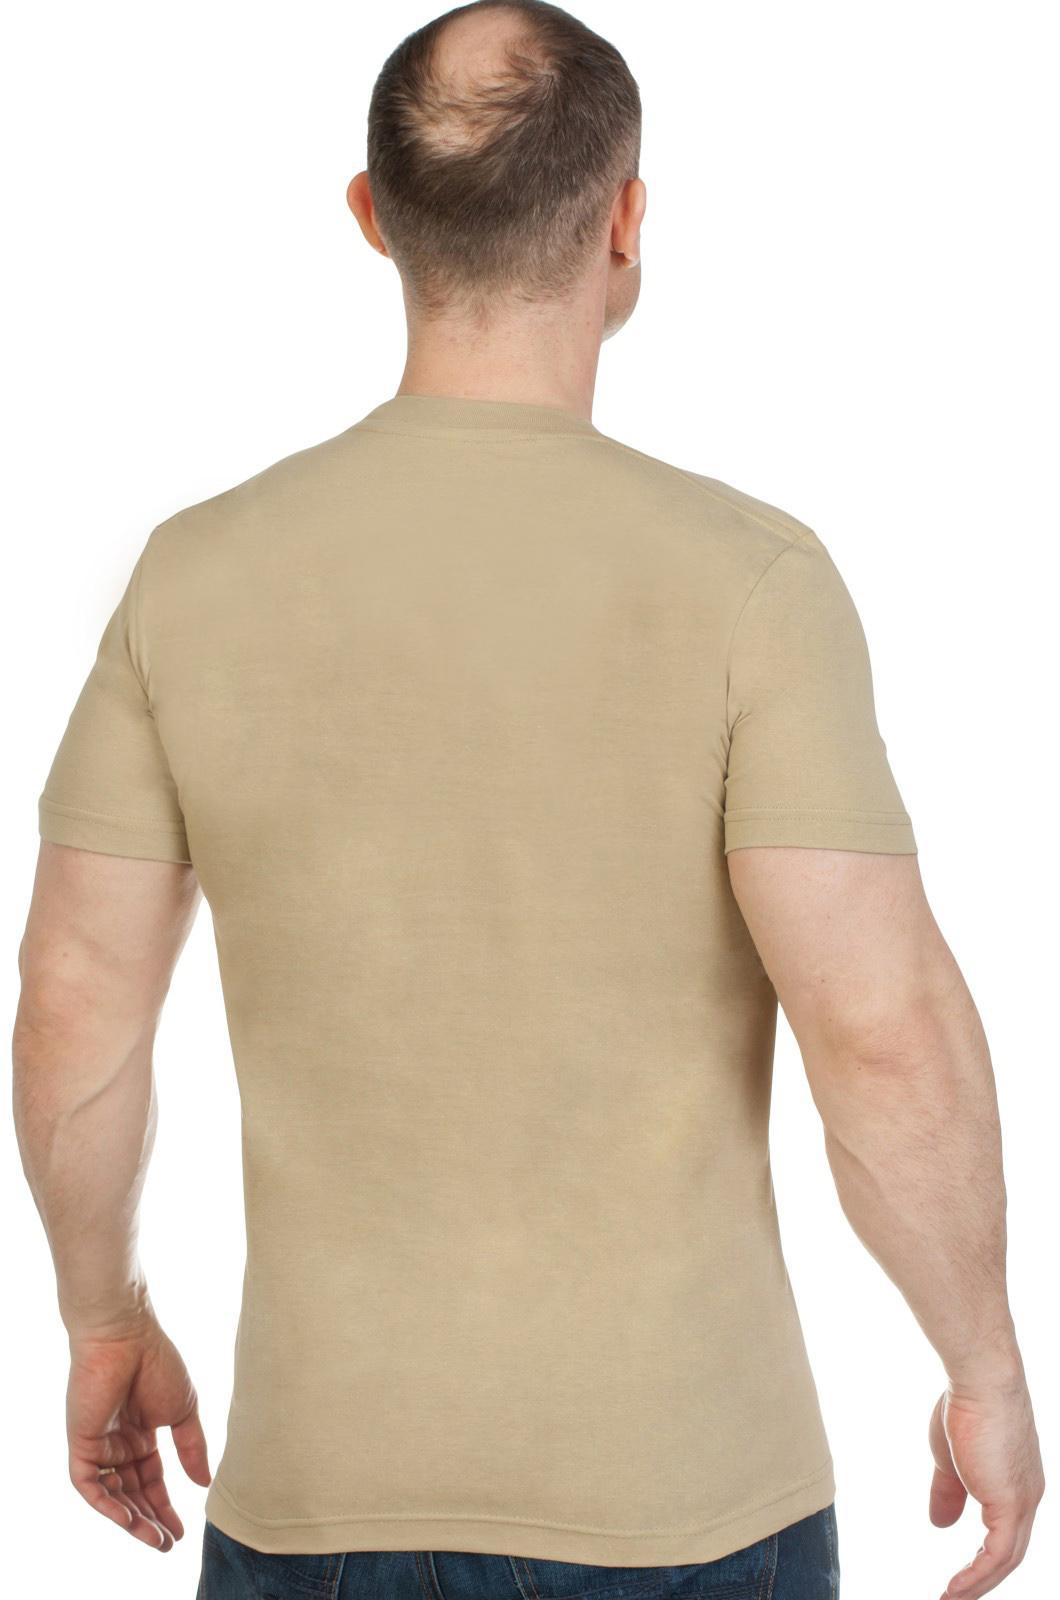 Купить классическую футболку Лучшего рыбака в подарок